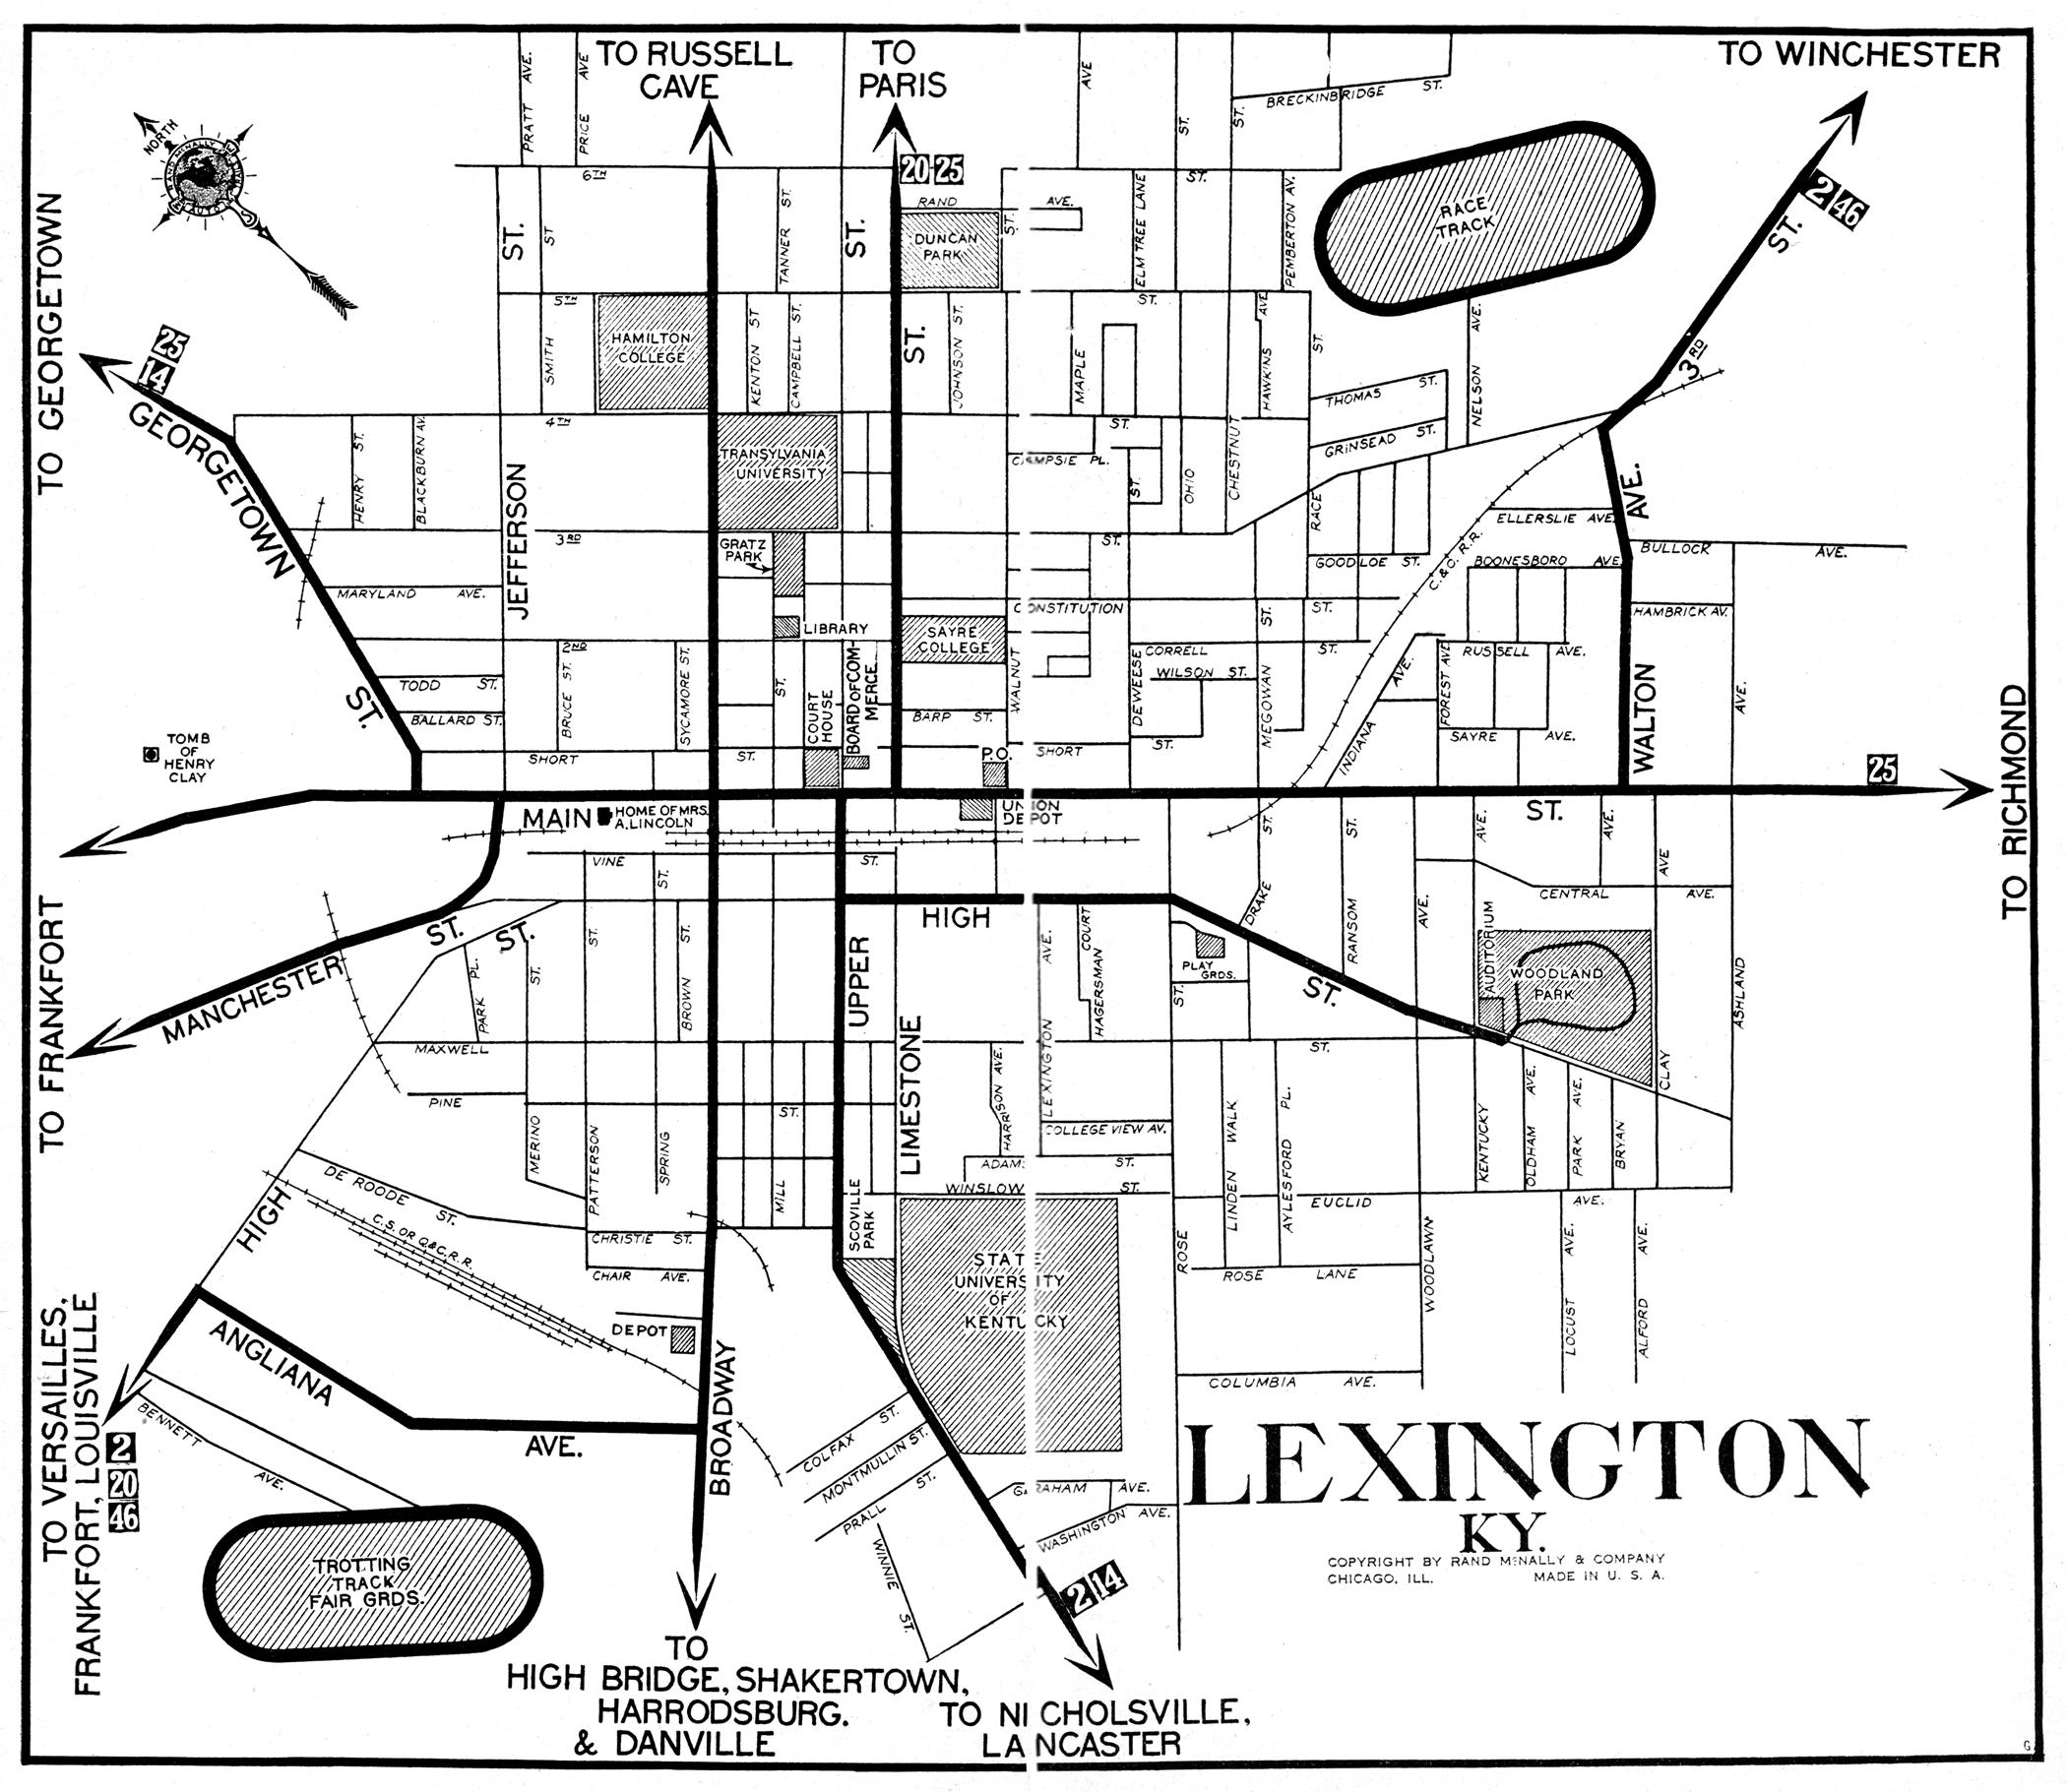 Map Image Kentucky City Maps at AmericanRoadscom